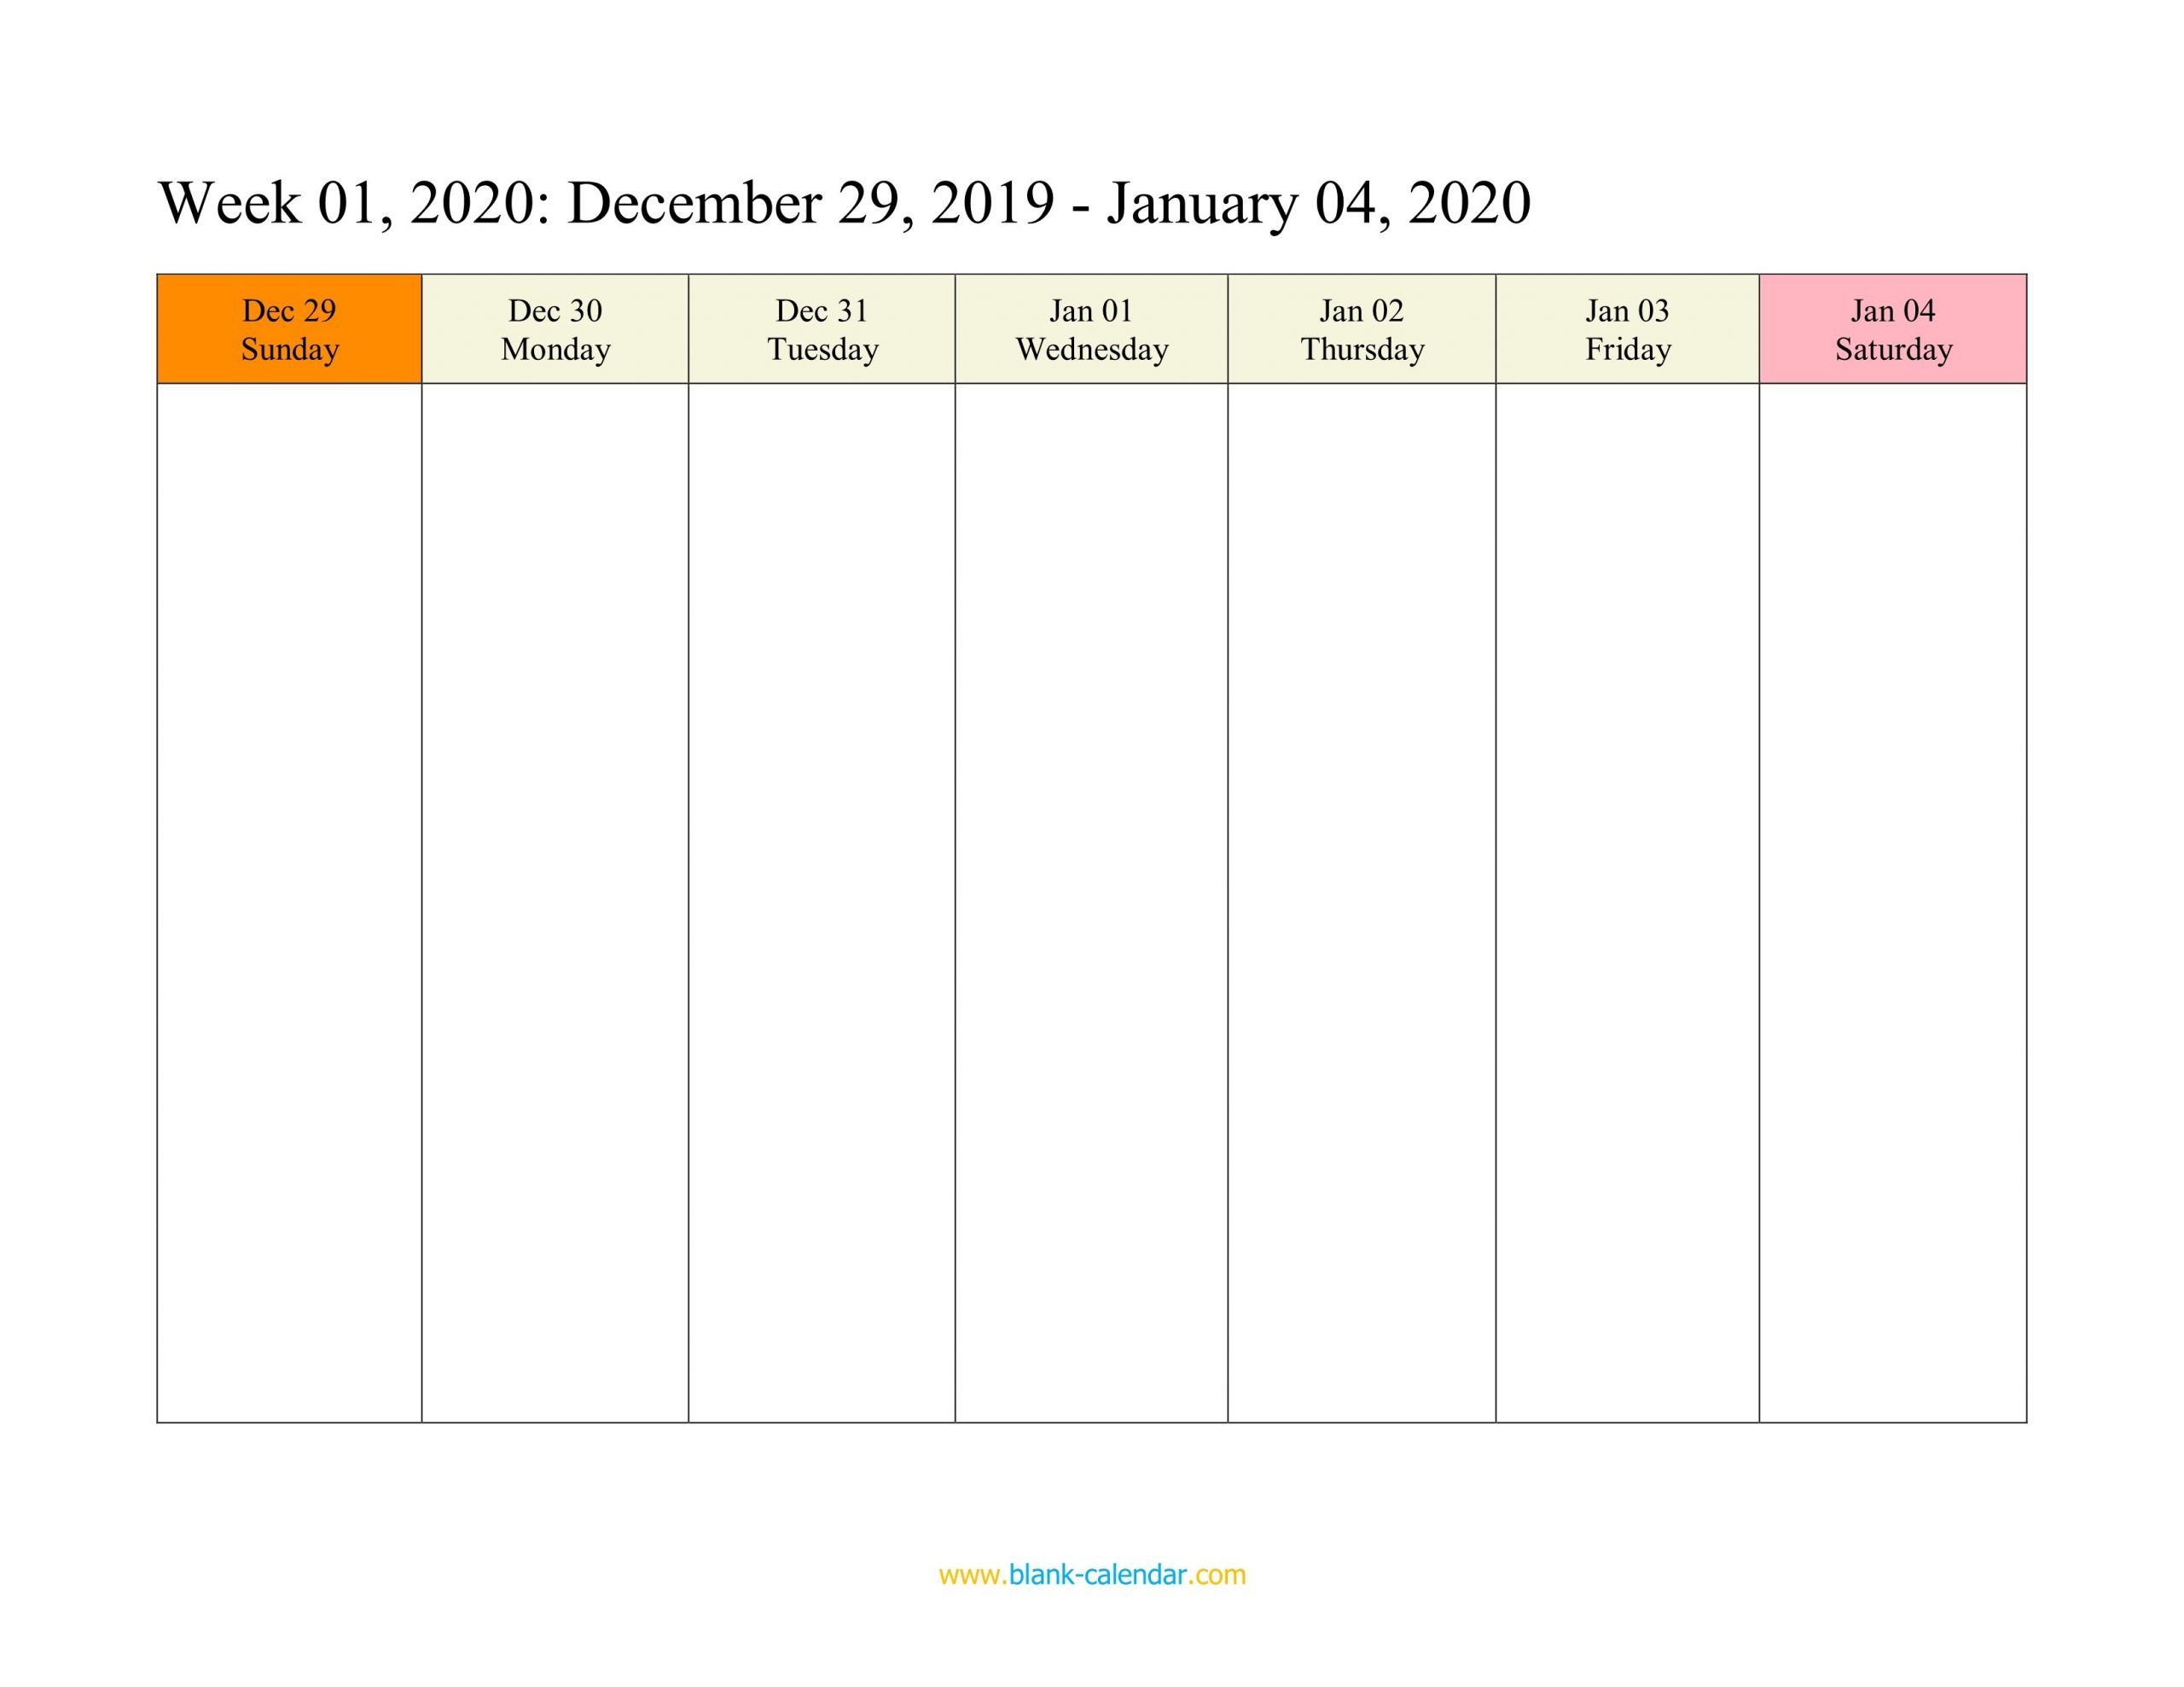 Weekly Calendar 2020 (Word, Excel, Pdf) 1 Week Blank Editable Calendar